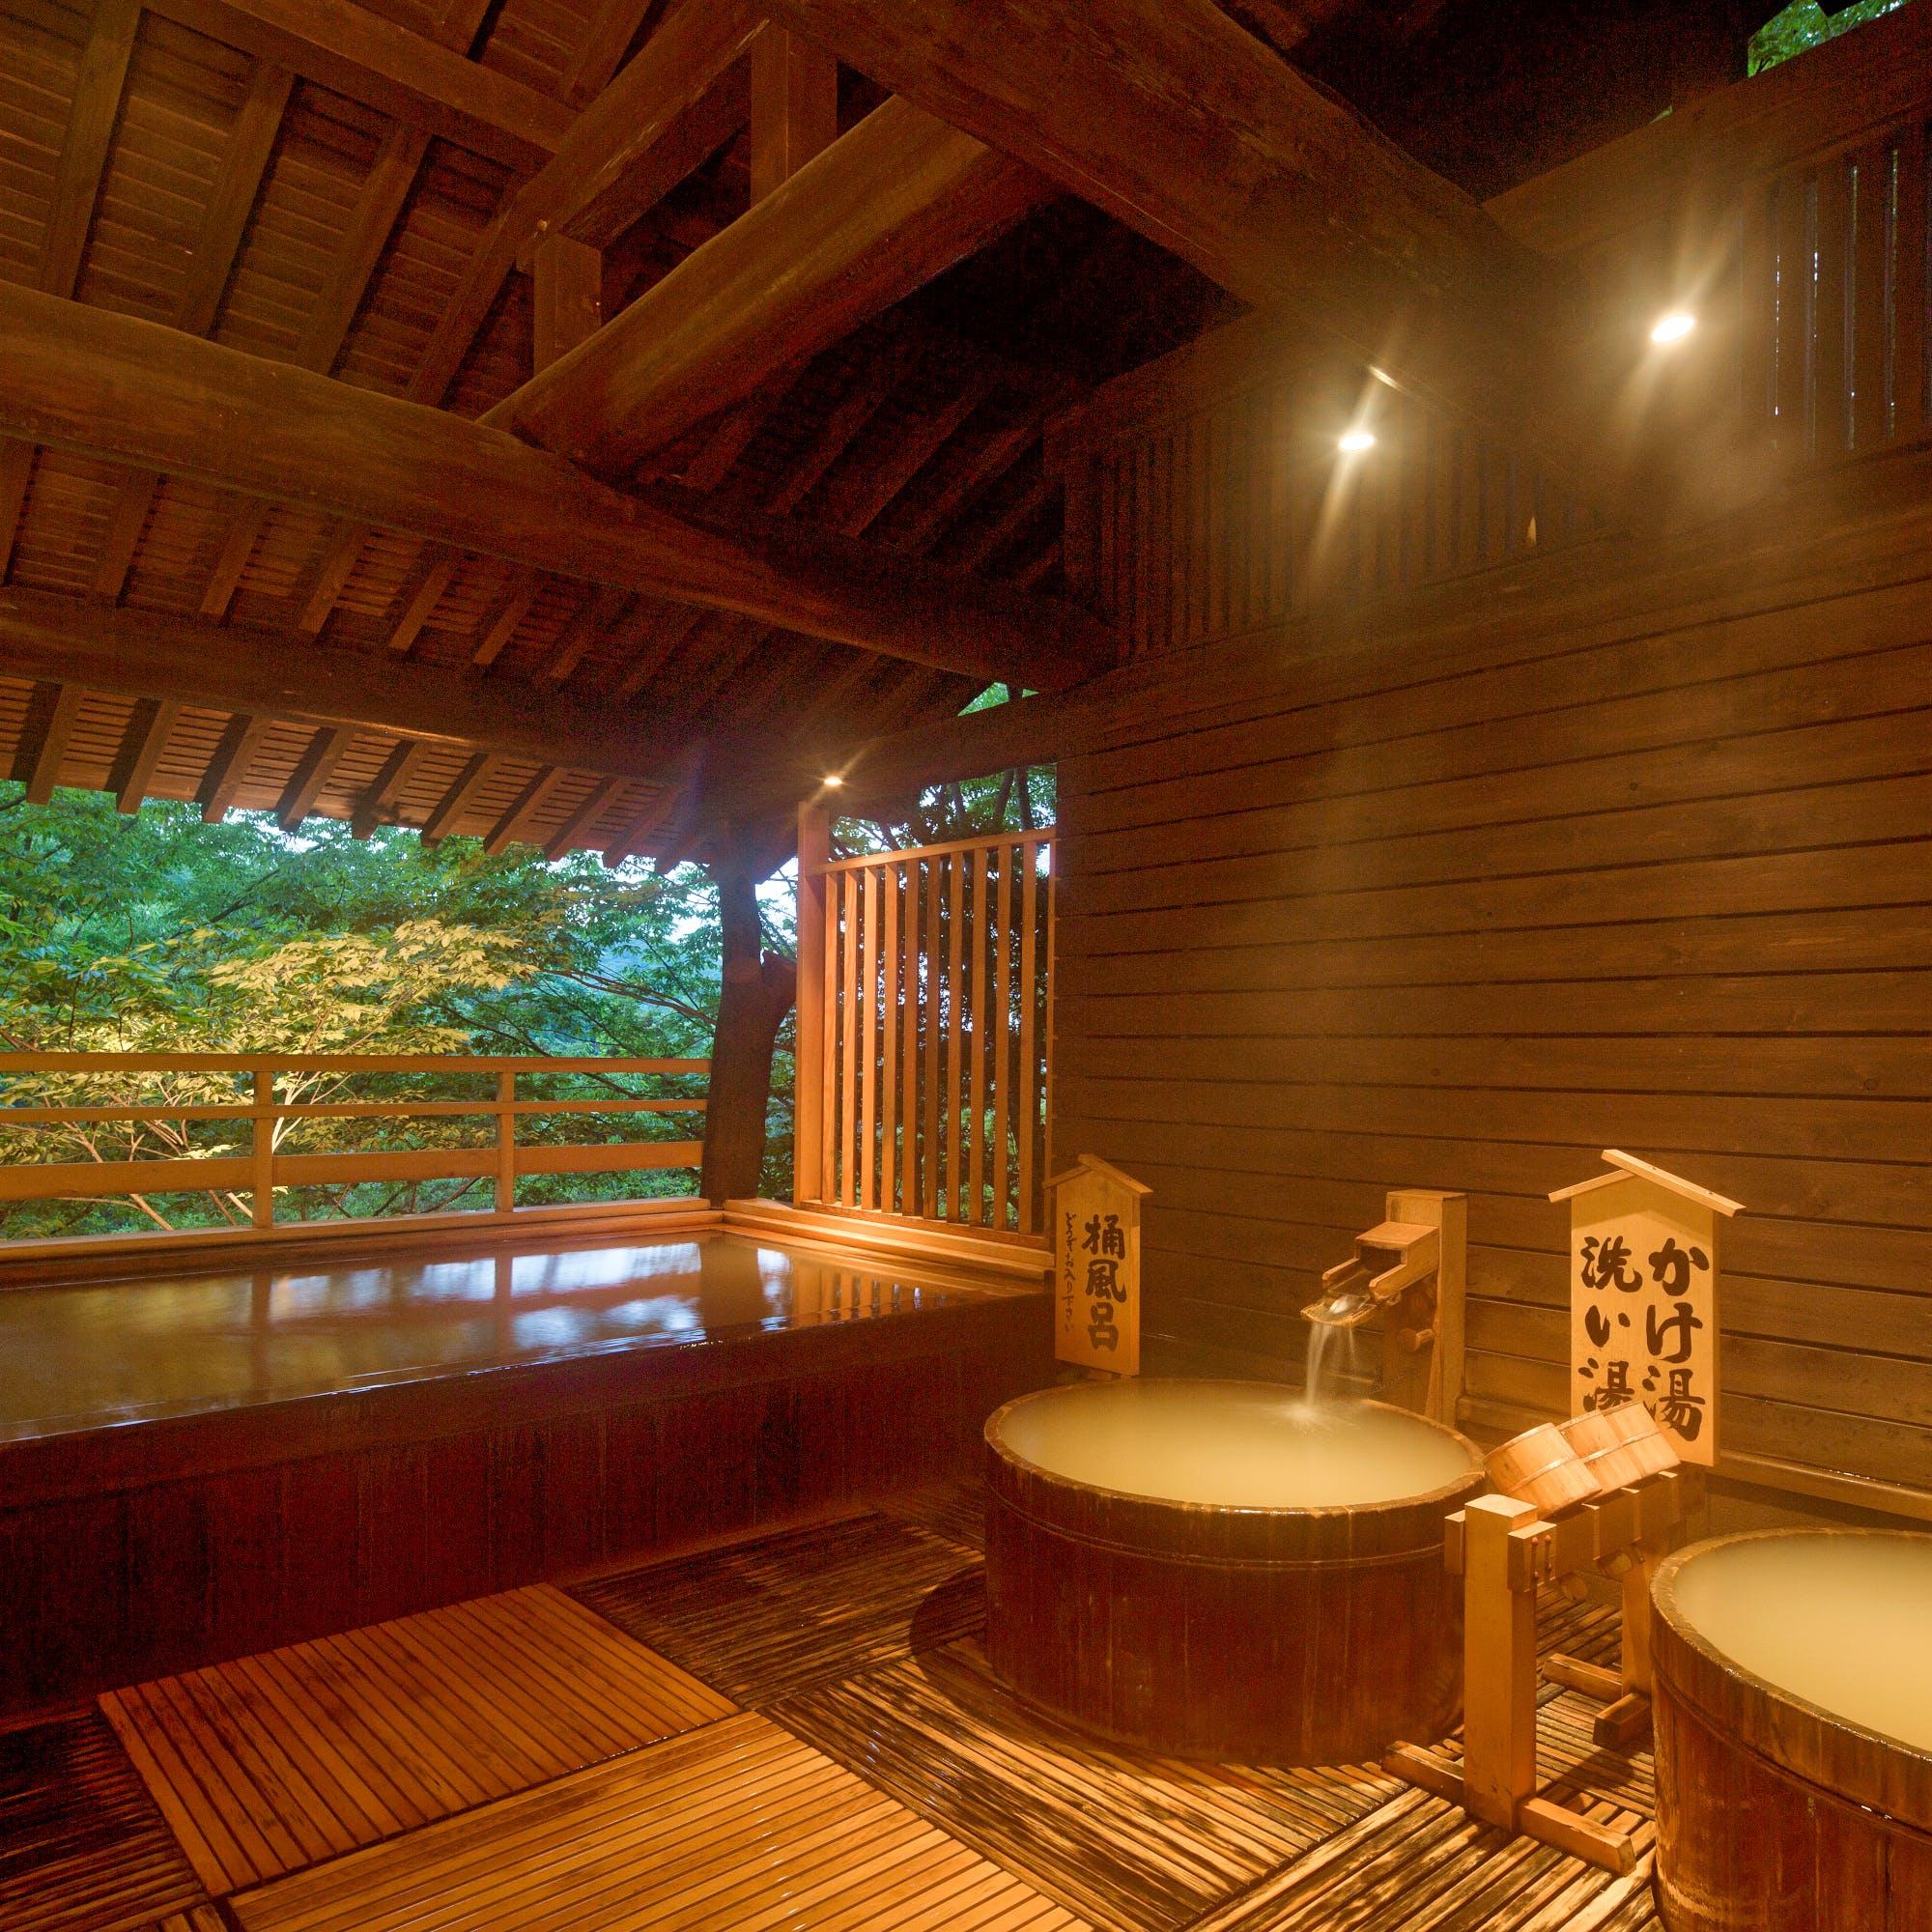 13か所の湯殿を備える老舗旅館